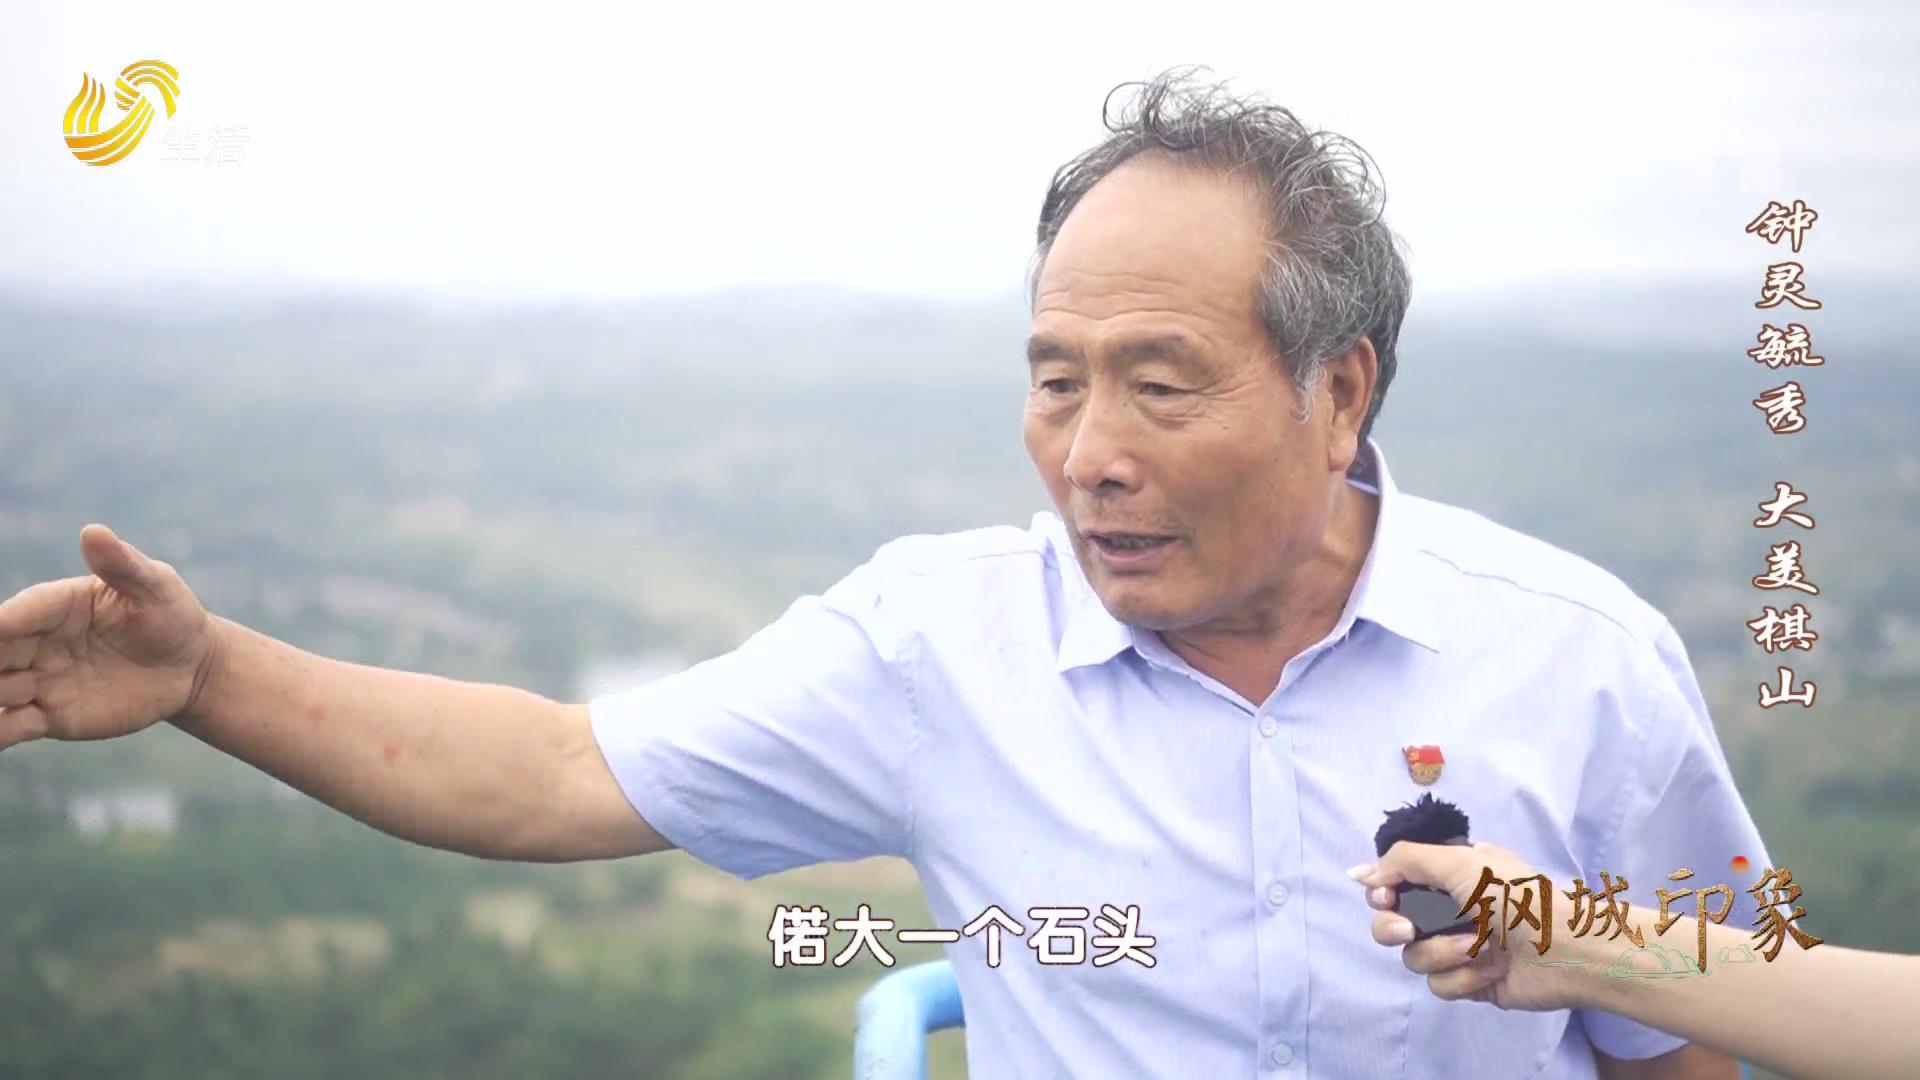 钟灵毓秀 大美棋山